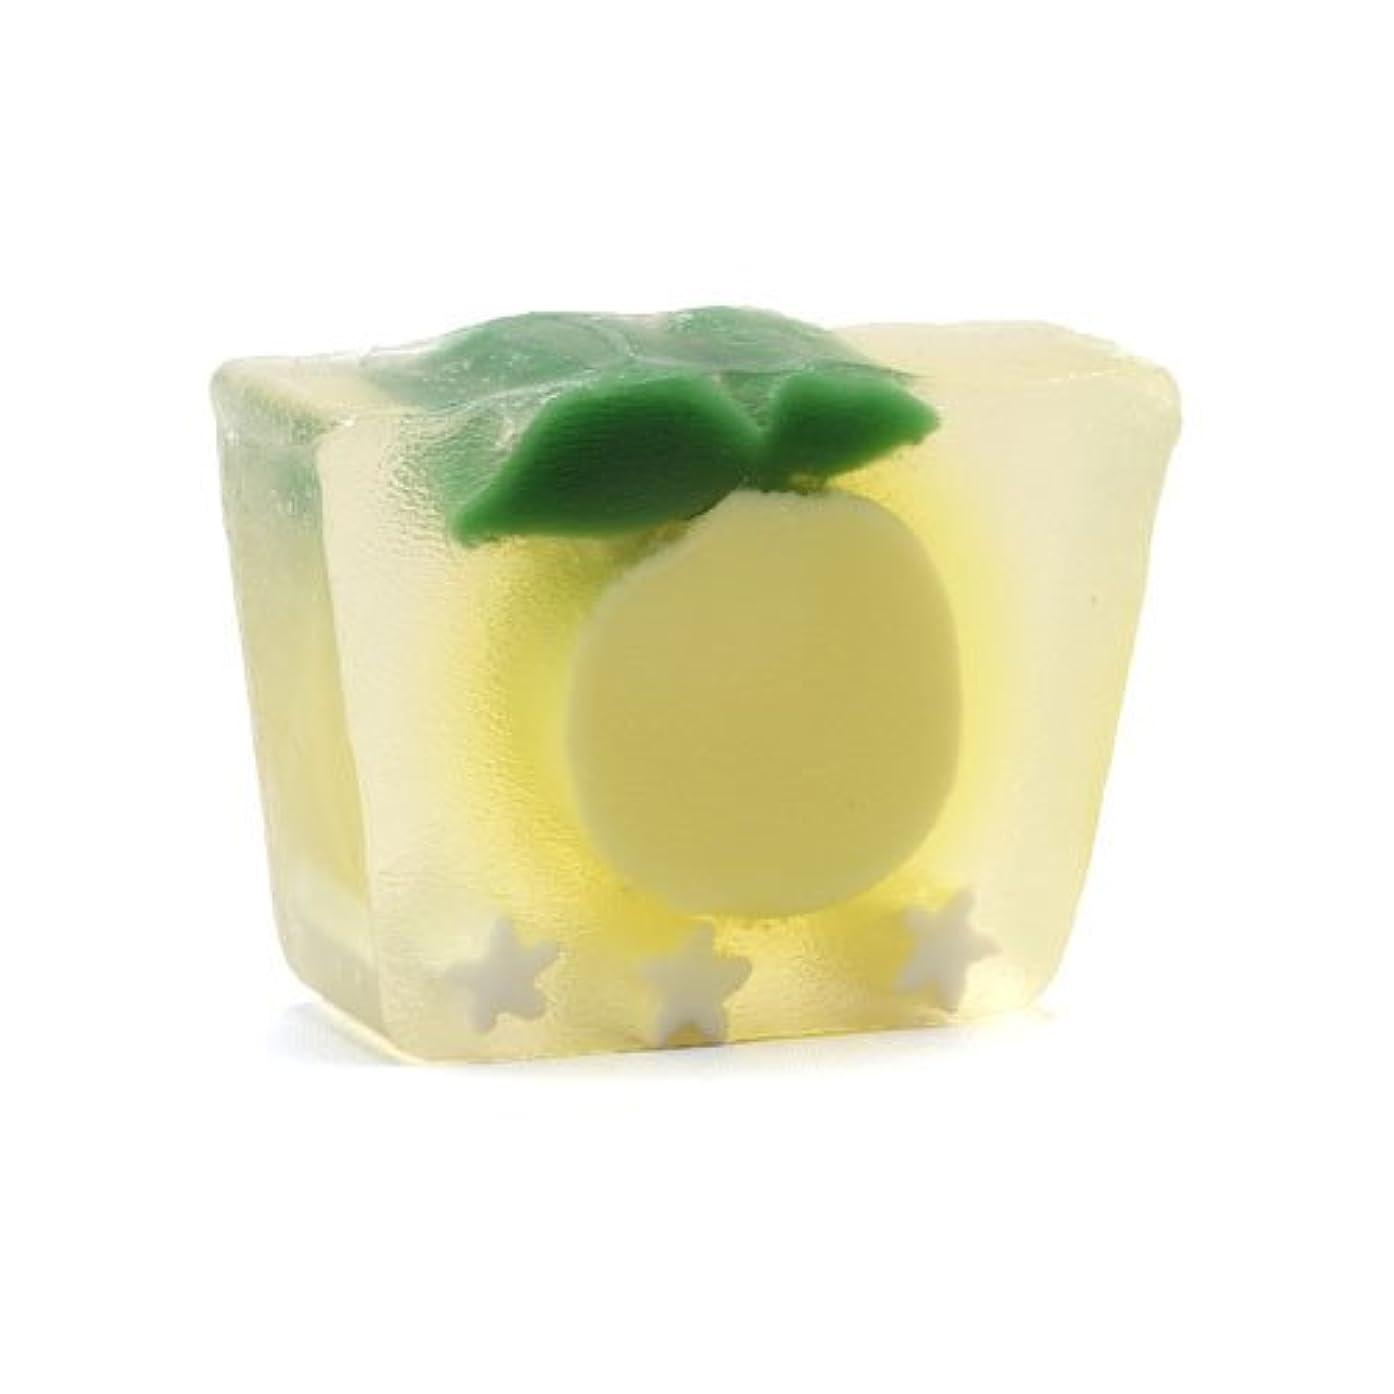 告白大使シガレットプライモールエレメンツ アロマティック ミニソープ カリフォルニアレモン 80g 植物性 ナチュラル 石鹸 無添加